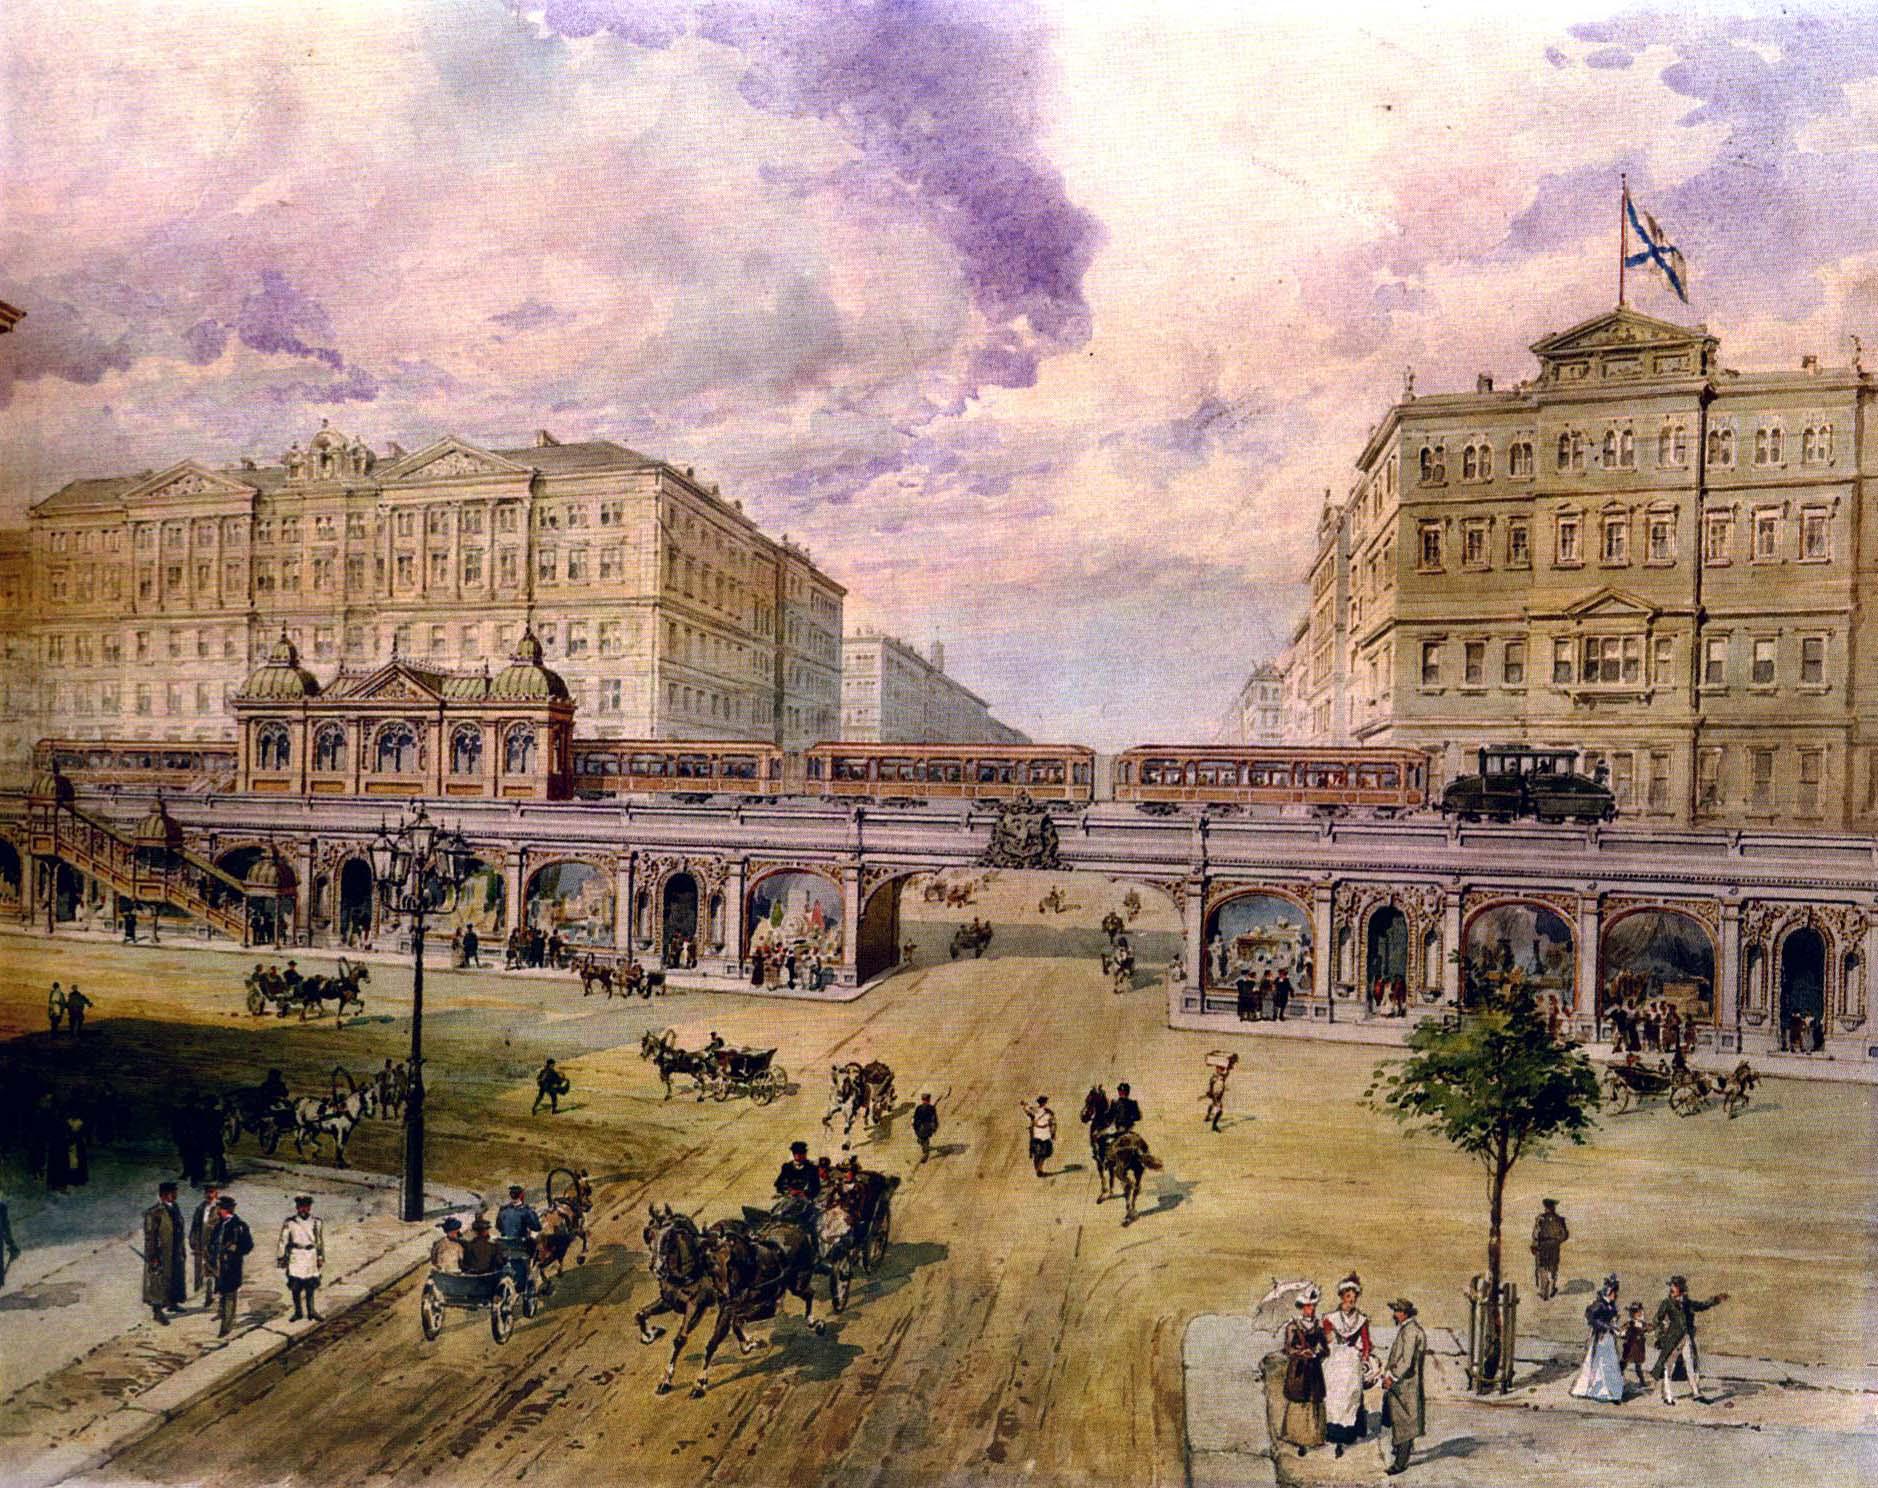 110 лет назад, в 1901 году, был разработан один из самых масштабных проектов московского метрополитена.